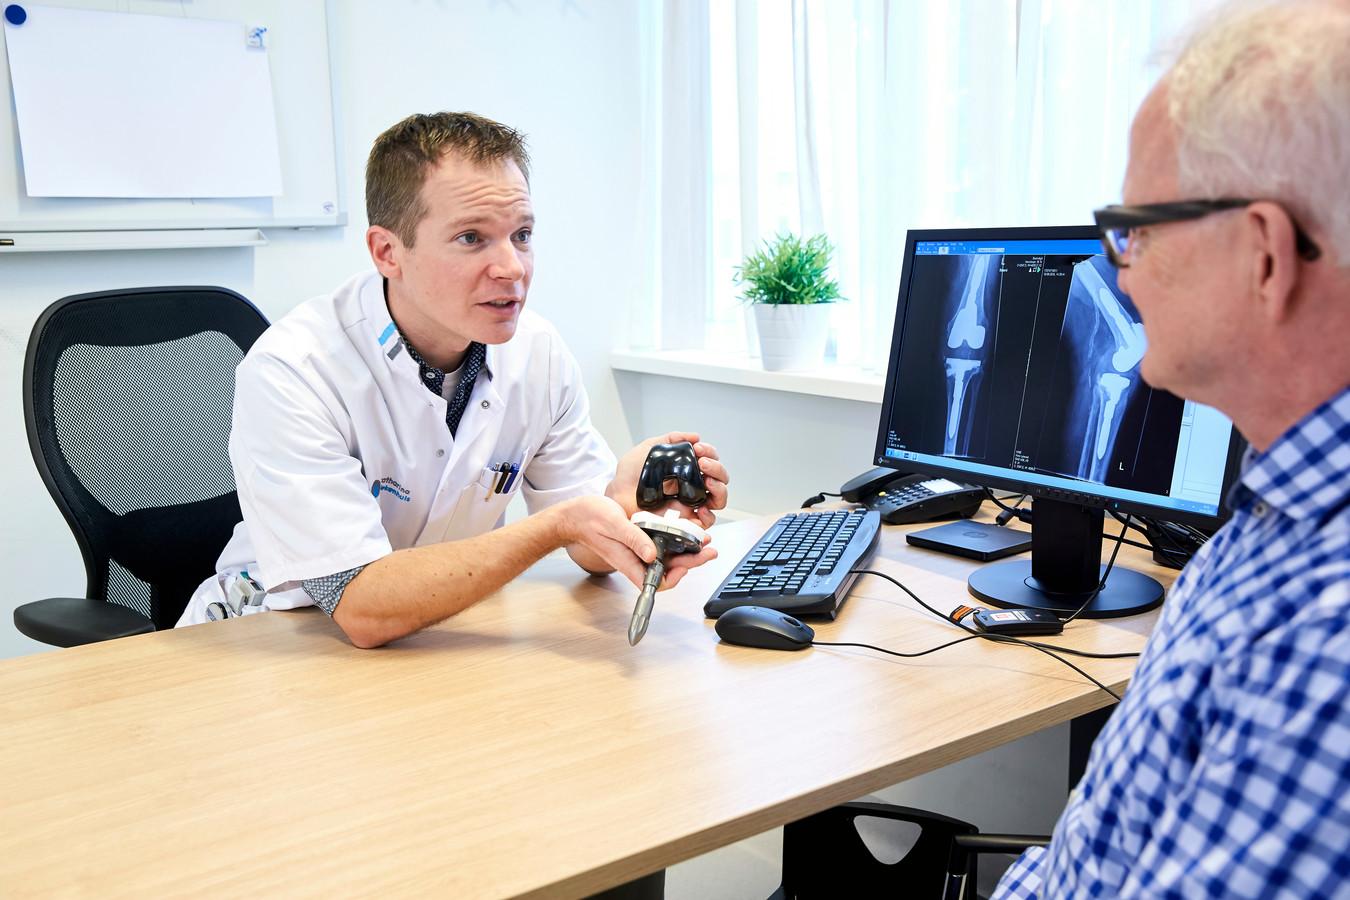 Orthopeed Robin van Kempen van het Catharina Ziekenhuis in gesprek met een patiënt (archieffoto van voor corona-tijd).